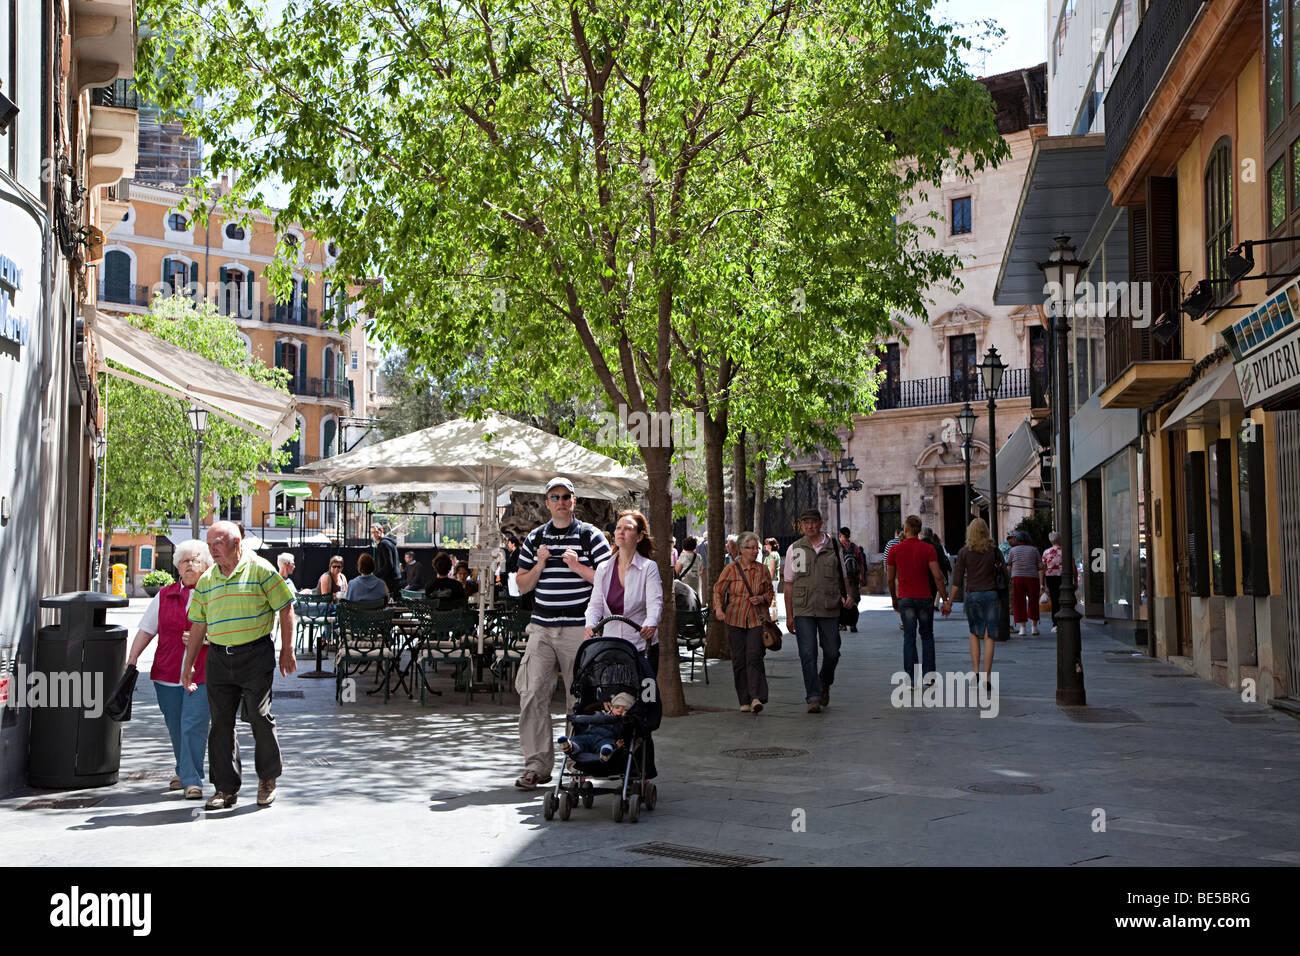 Menschen Zu Fuss In Die Einkaufsstrasse Mit Paar Schieben Kinderwagen Palma Mallorca Spanien Stockfotografie Alamy